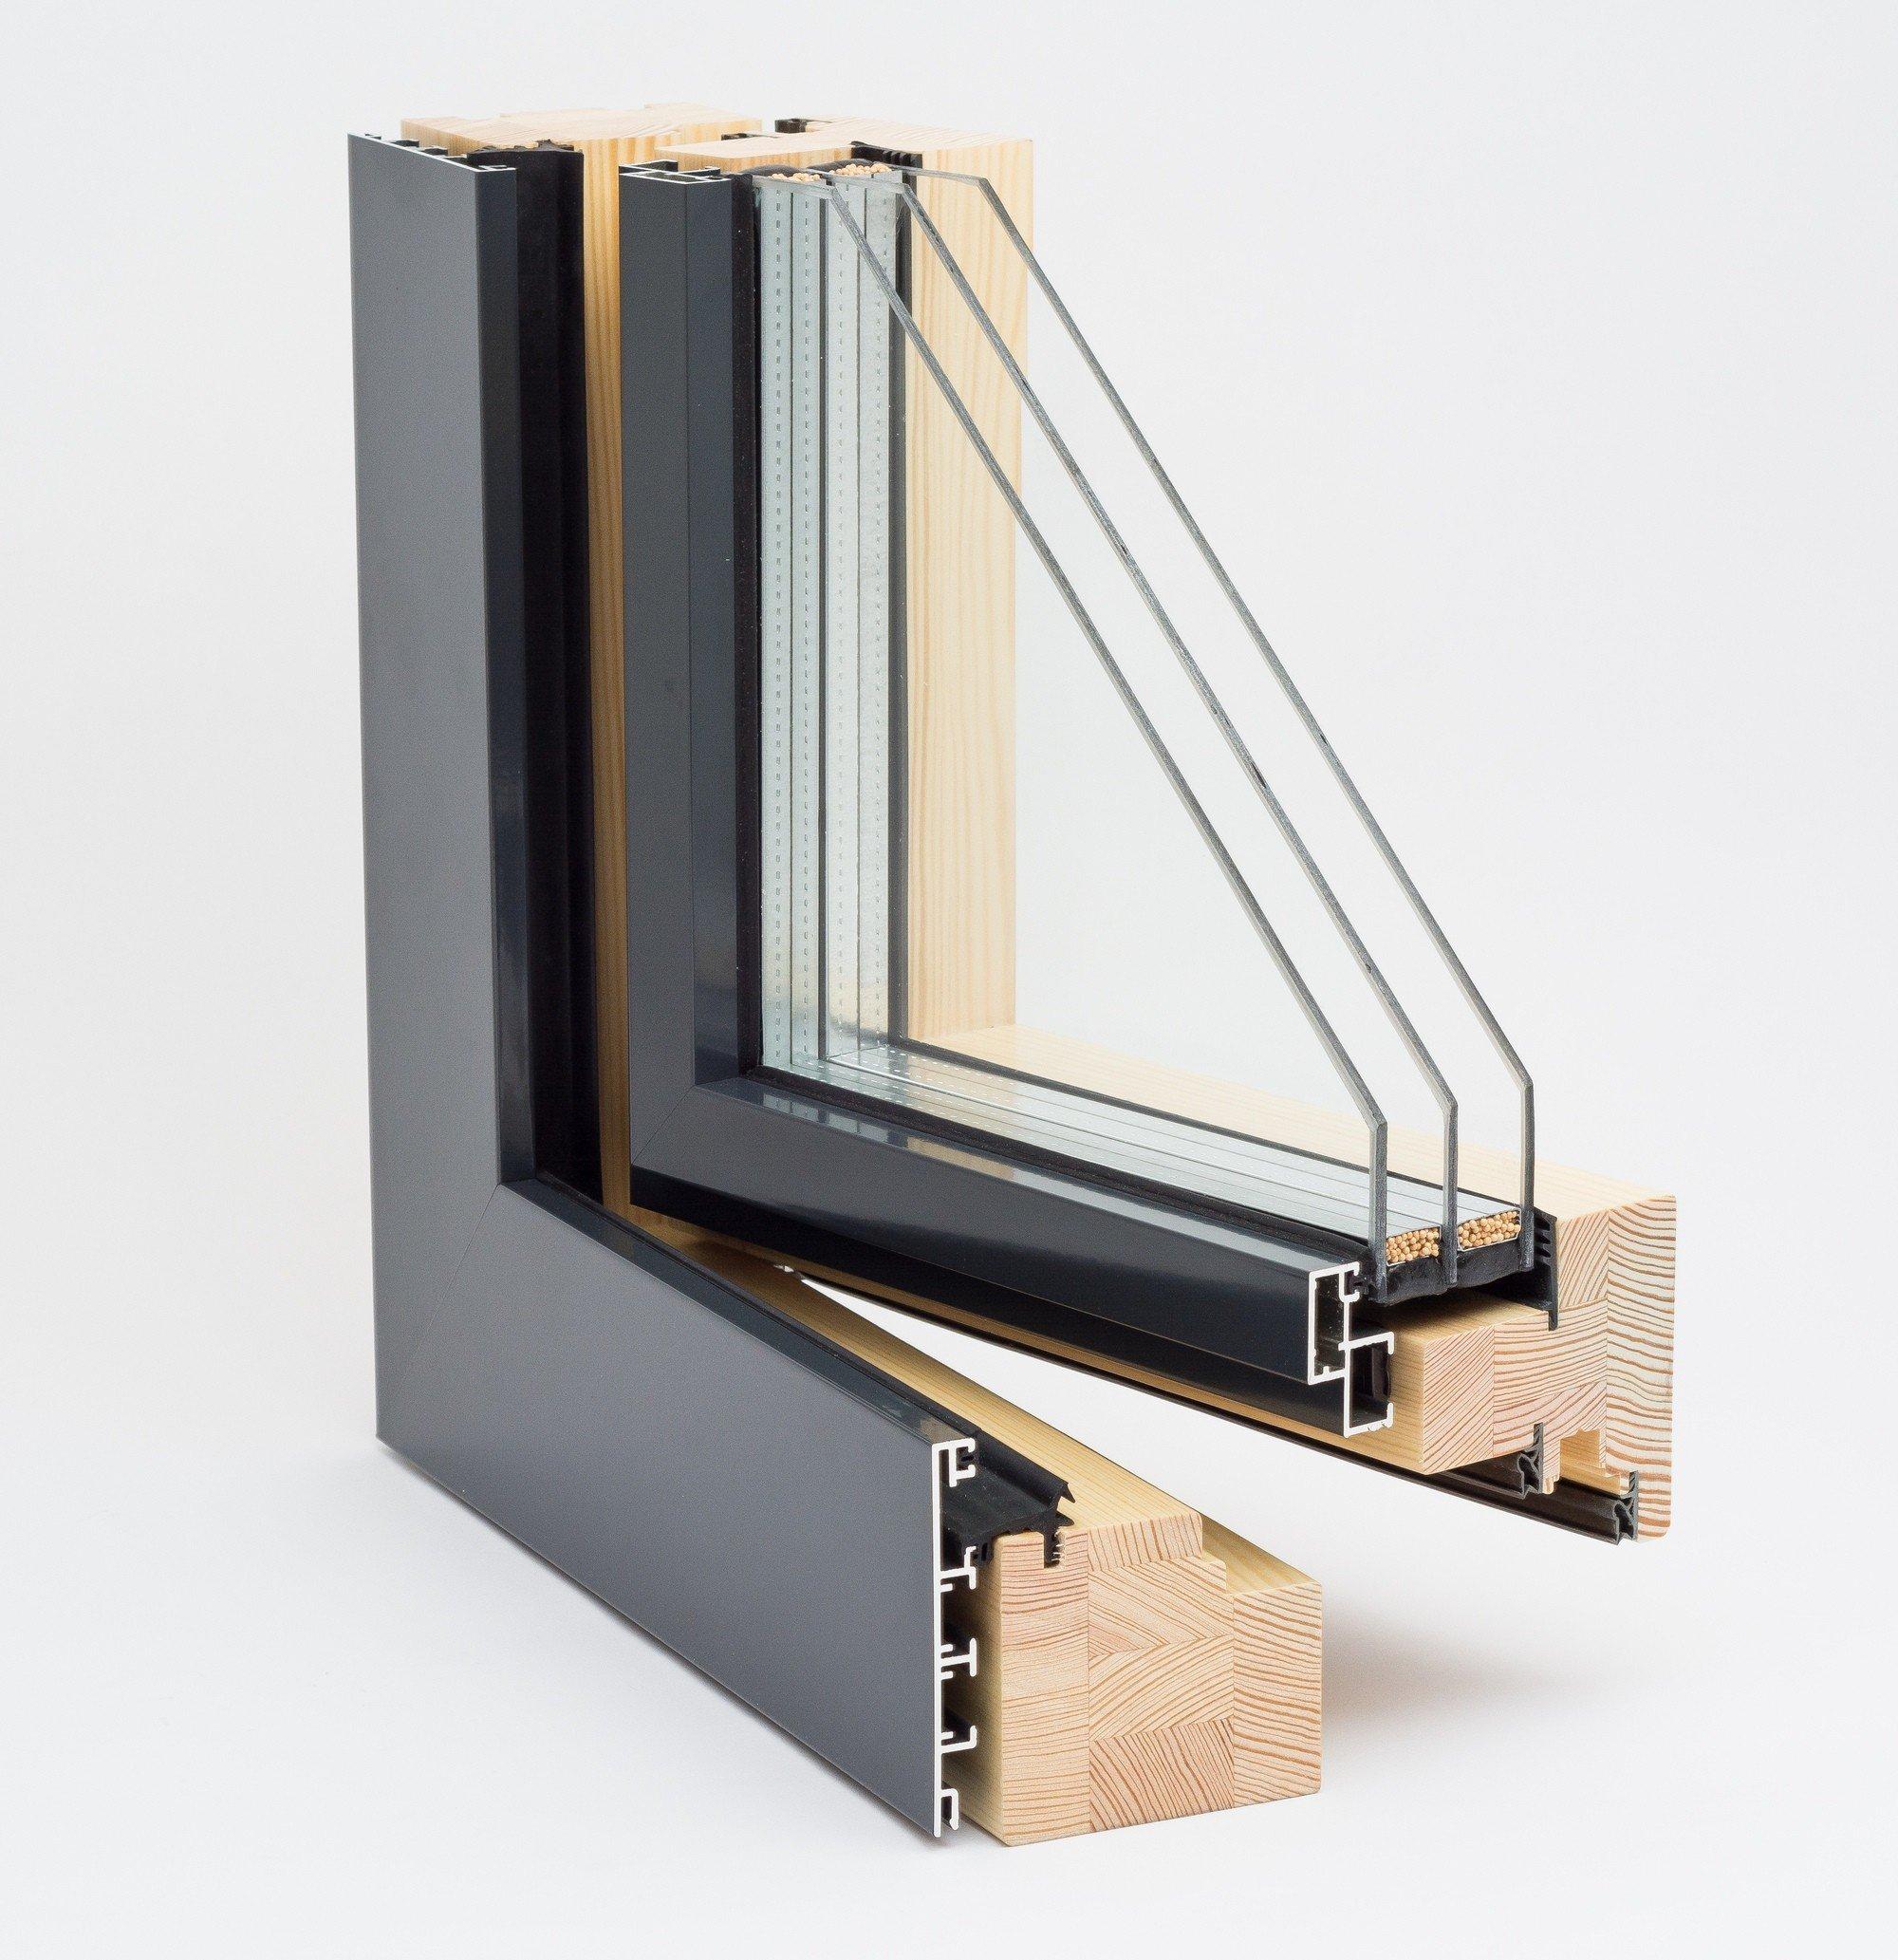 Full Size of Drutesa Pressroom Drutefhrt Holz Aluminium Fenster Ein Schüko Alte Kaufen Beleuchtung Alu Preise Marken Einbruchsicher Nachrüsten Rc3 Schüco Online Fenster Fenster Drutex